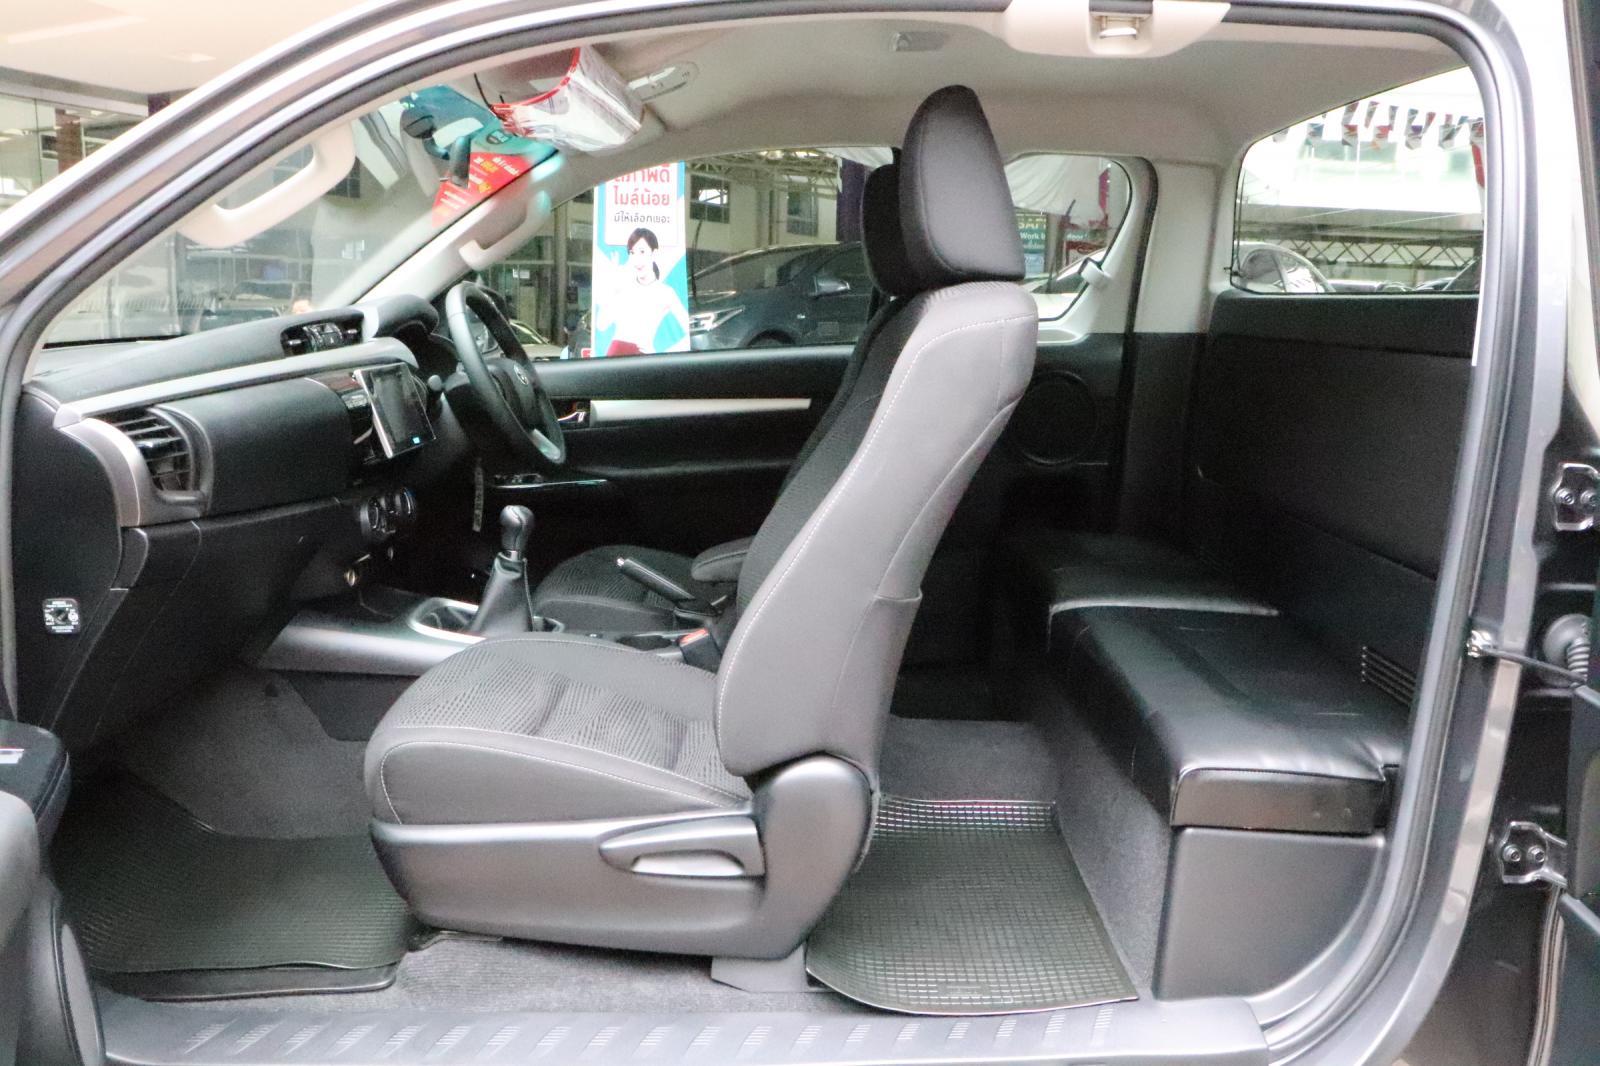 Toyota Hilux Revo 2.4E Prerunner ปี2017 รถกระบะ